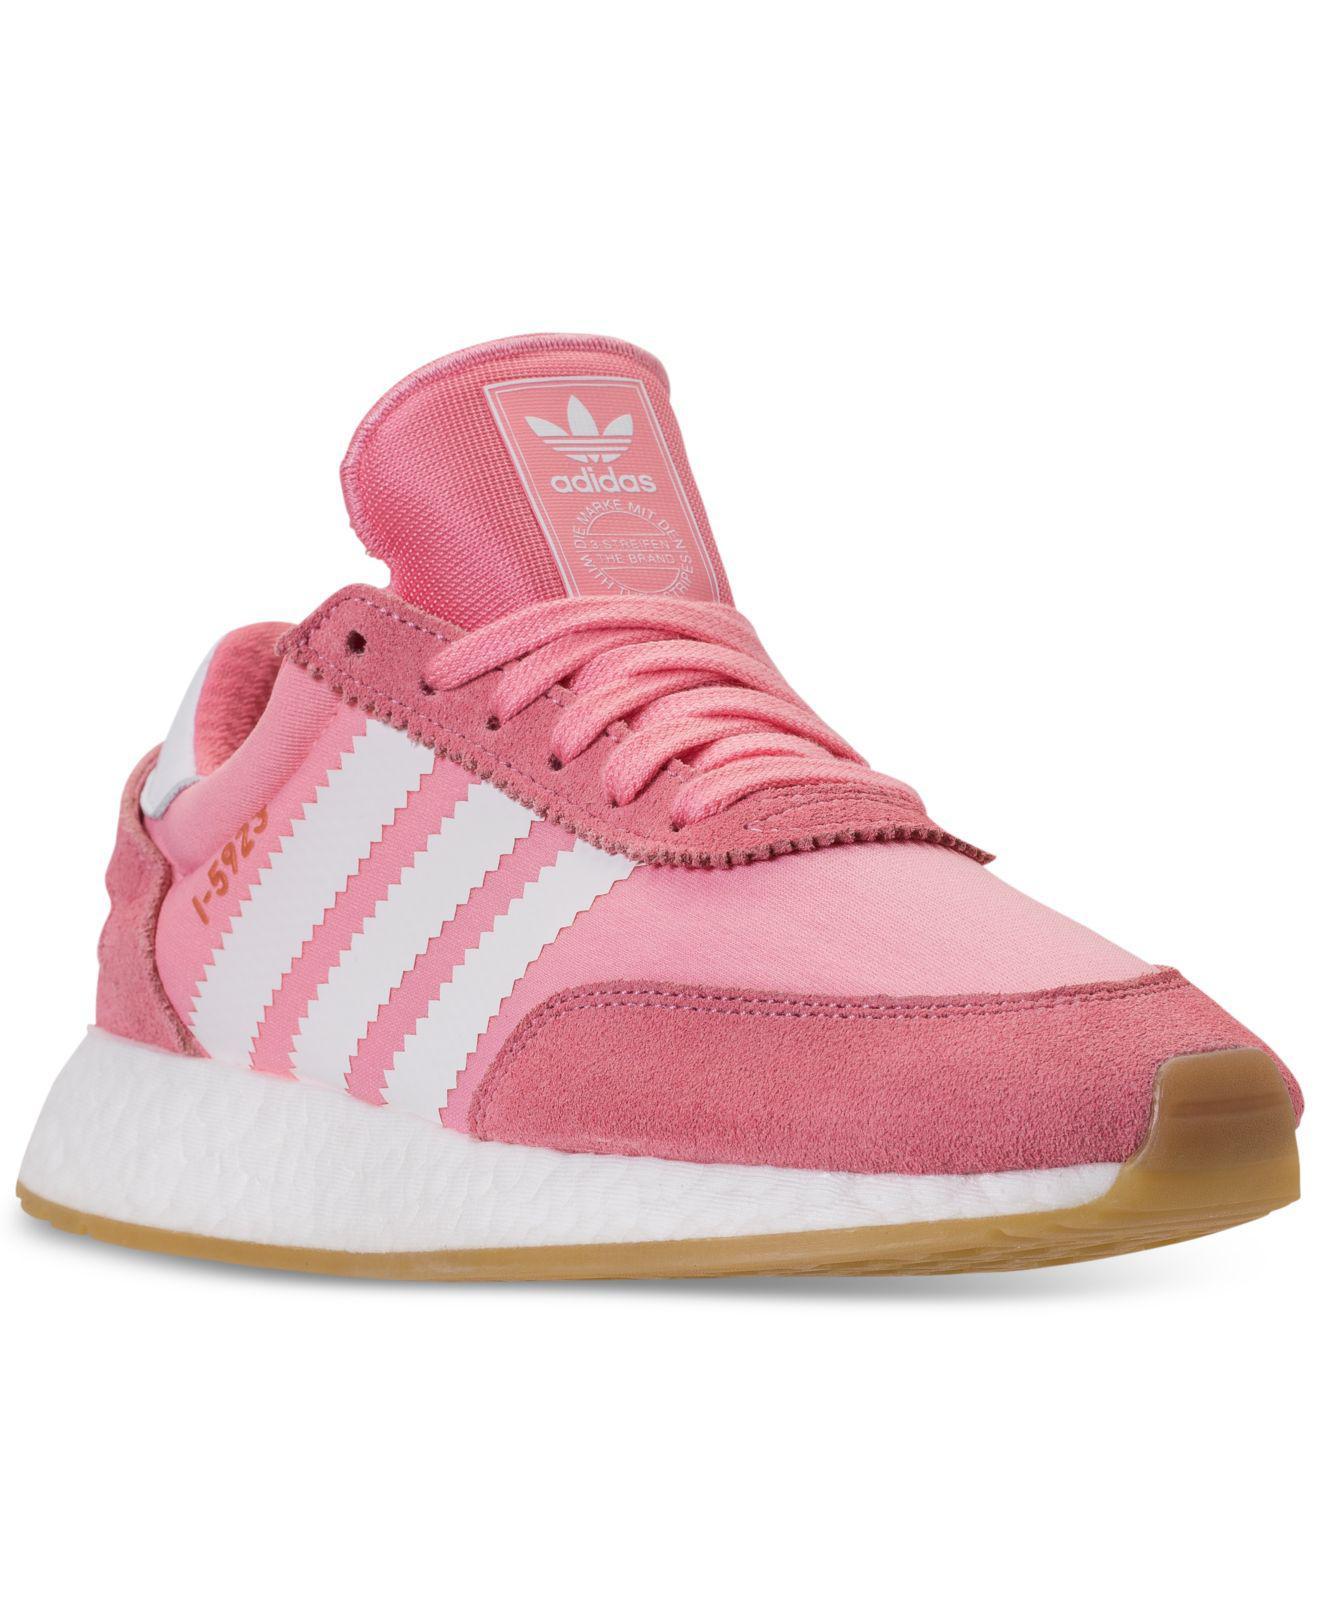 Lyst Adidas me 5923 Runner casual zapatillas de en la línea de meta en de rosa e79cd0